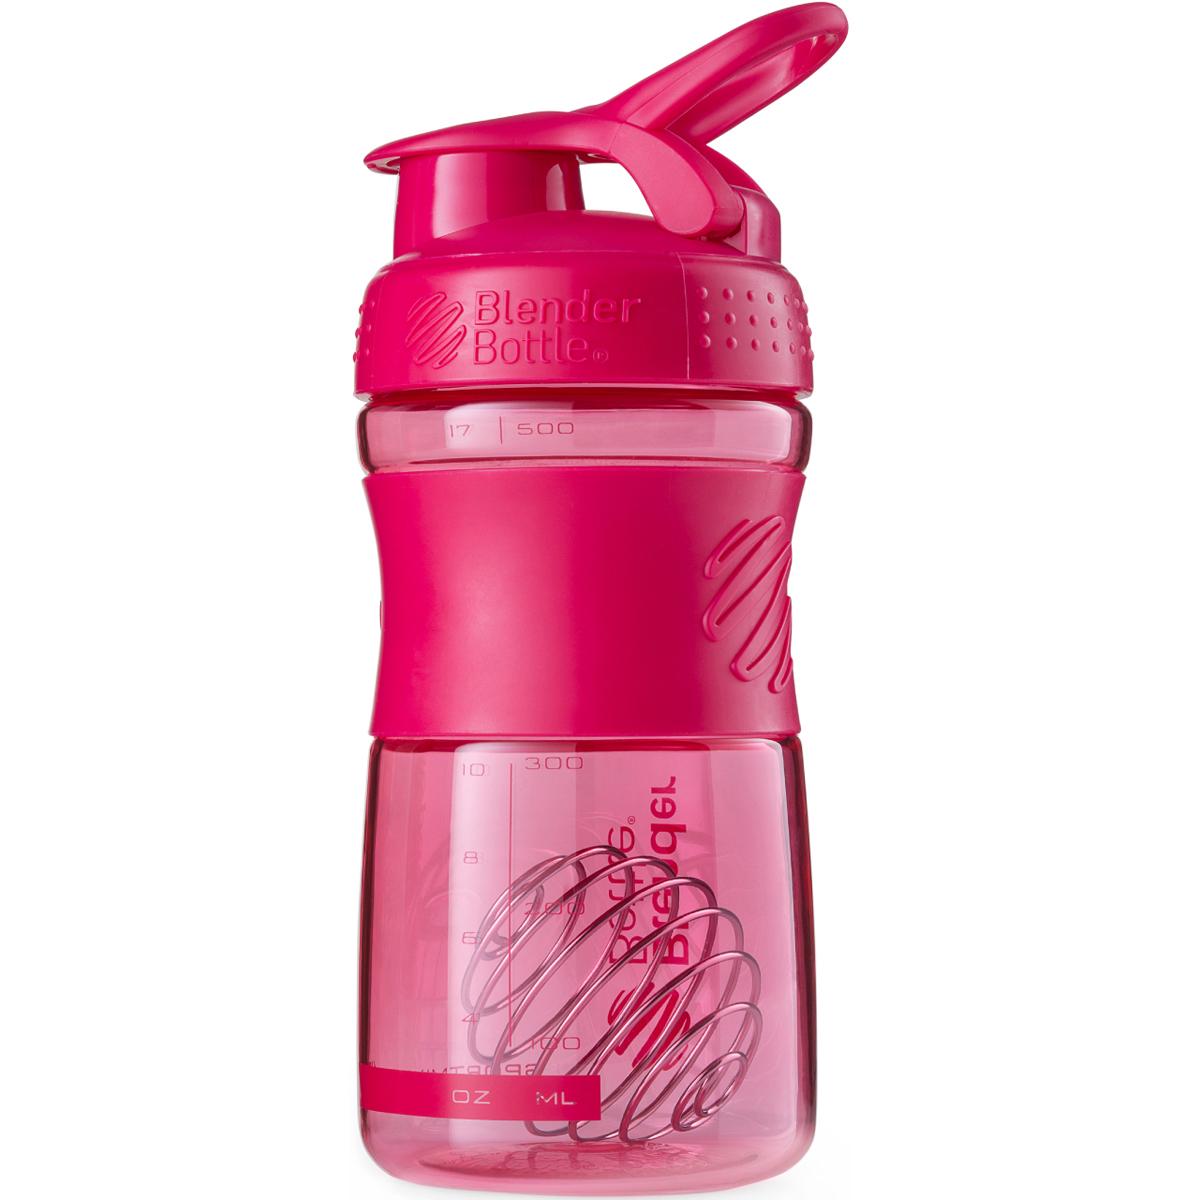 Protein Shaker Ne Kadar: Blender Bottle SportMixer 20 Oz. Tritan Grip Shaker